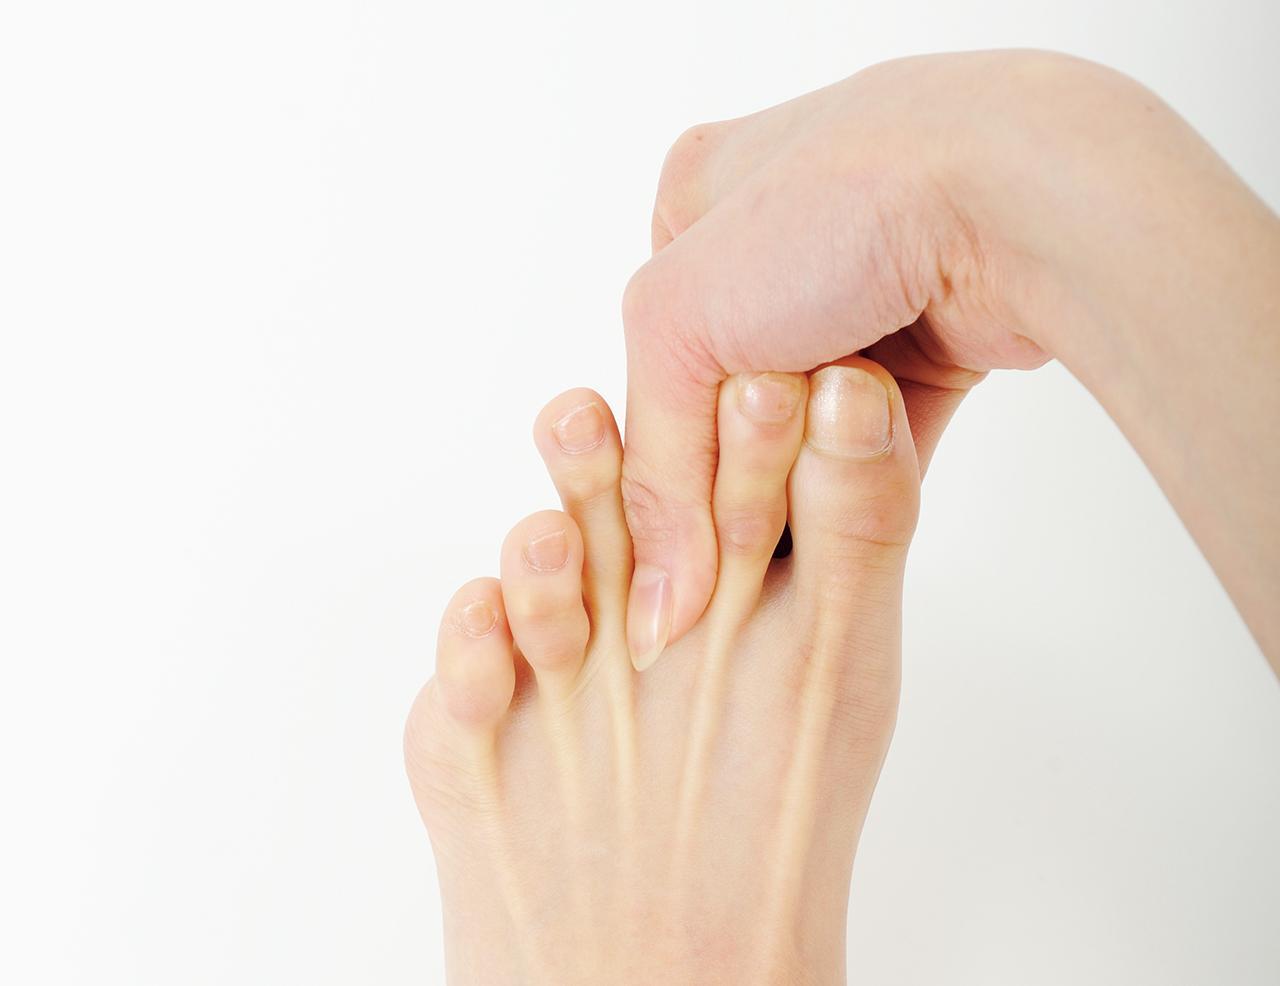 画像: ①内庭のツボの辺りを、手の親指と人差し指で上下にはさむようにつかむ。 ②親指の爪の角を内庭に当て、上からギュッと5回押す。 ③親指の腹で、上からゆっくり10回押す。